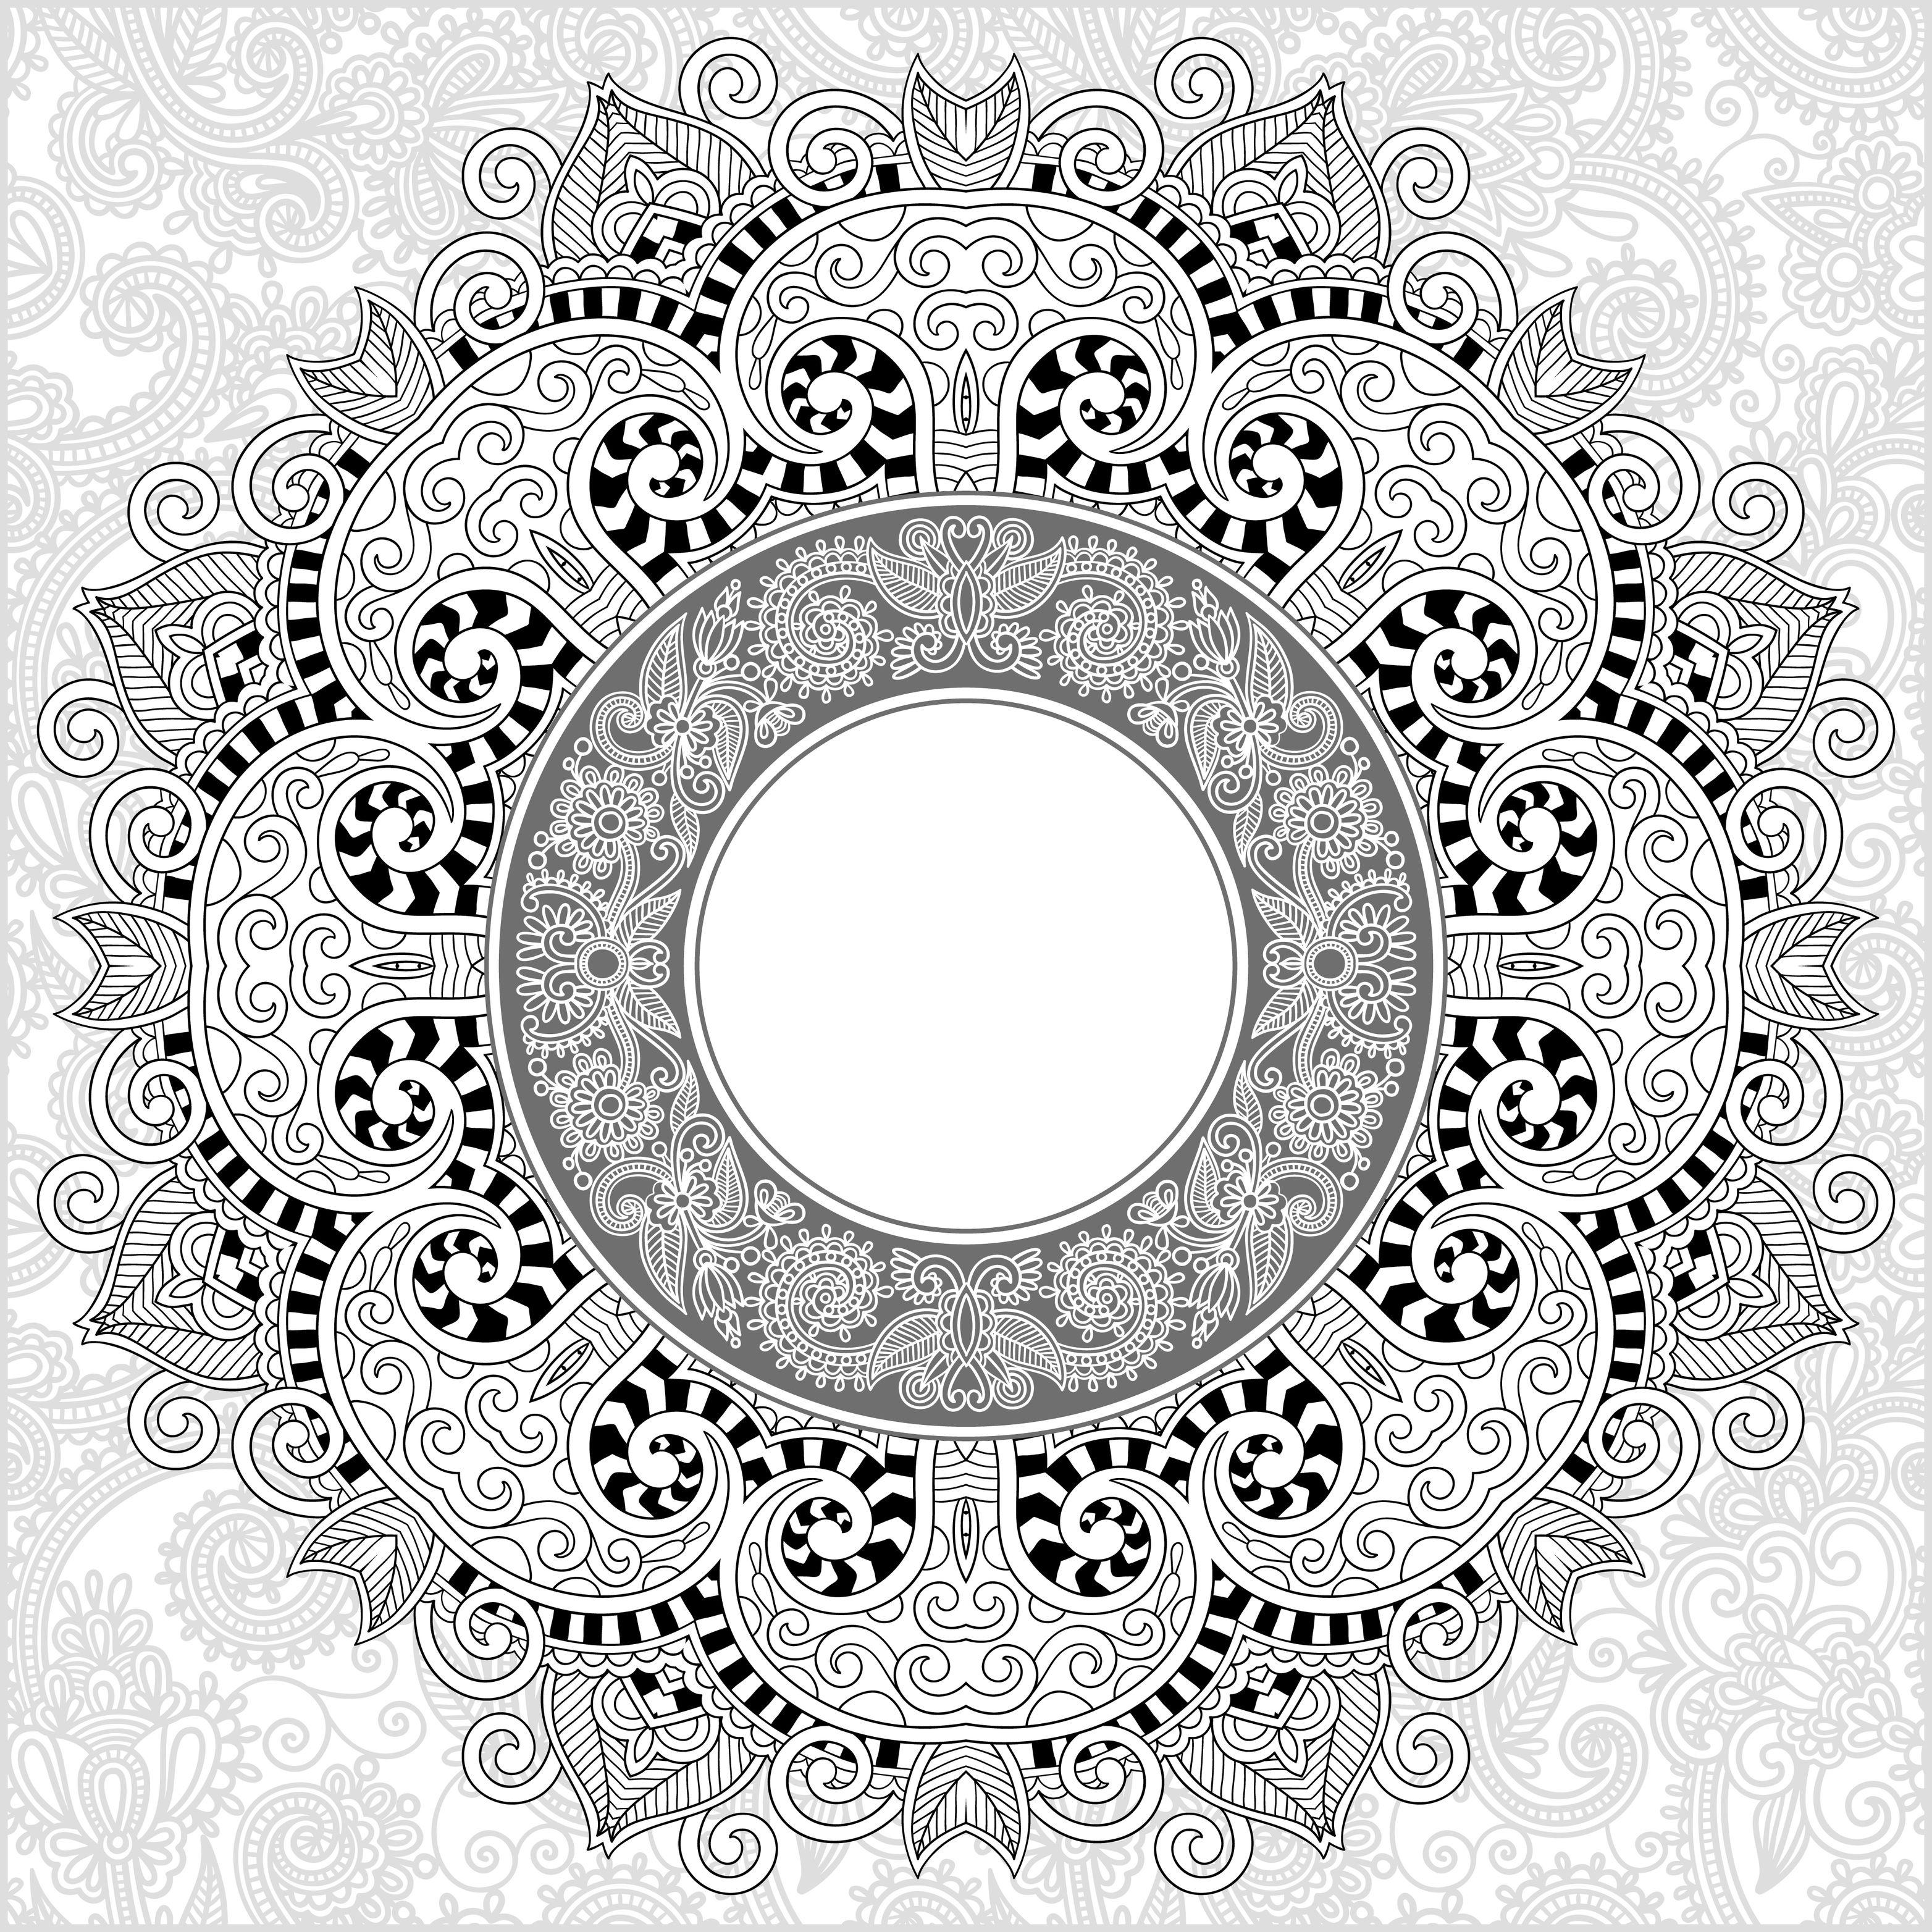 Mandala by karakotsya 3 - Mandalas Adult Coloring Pages